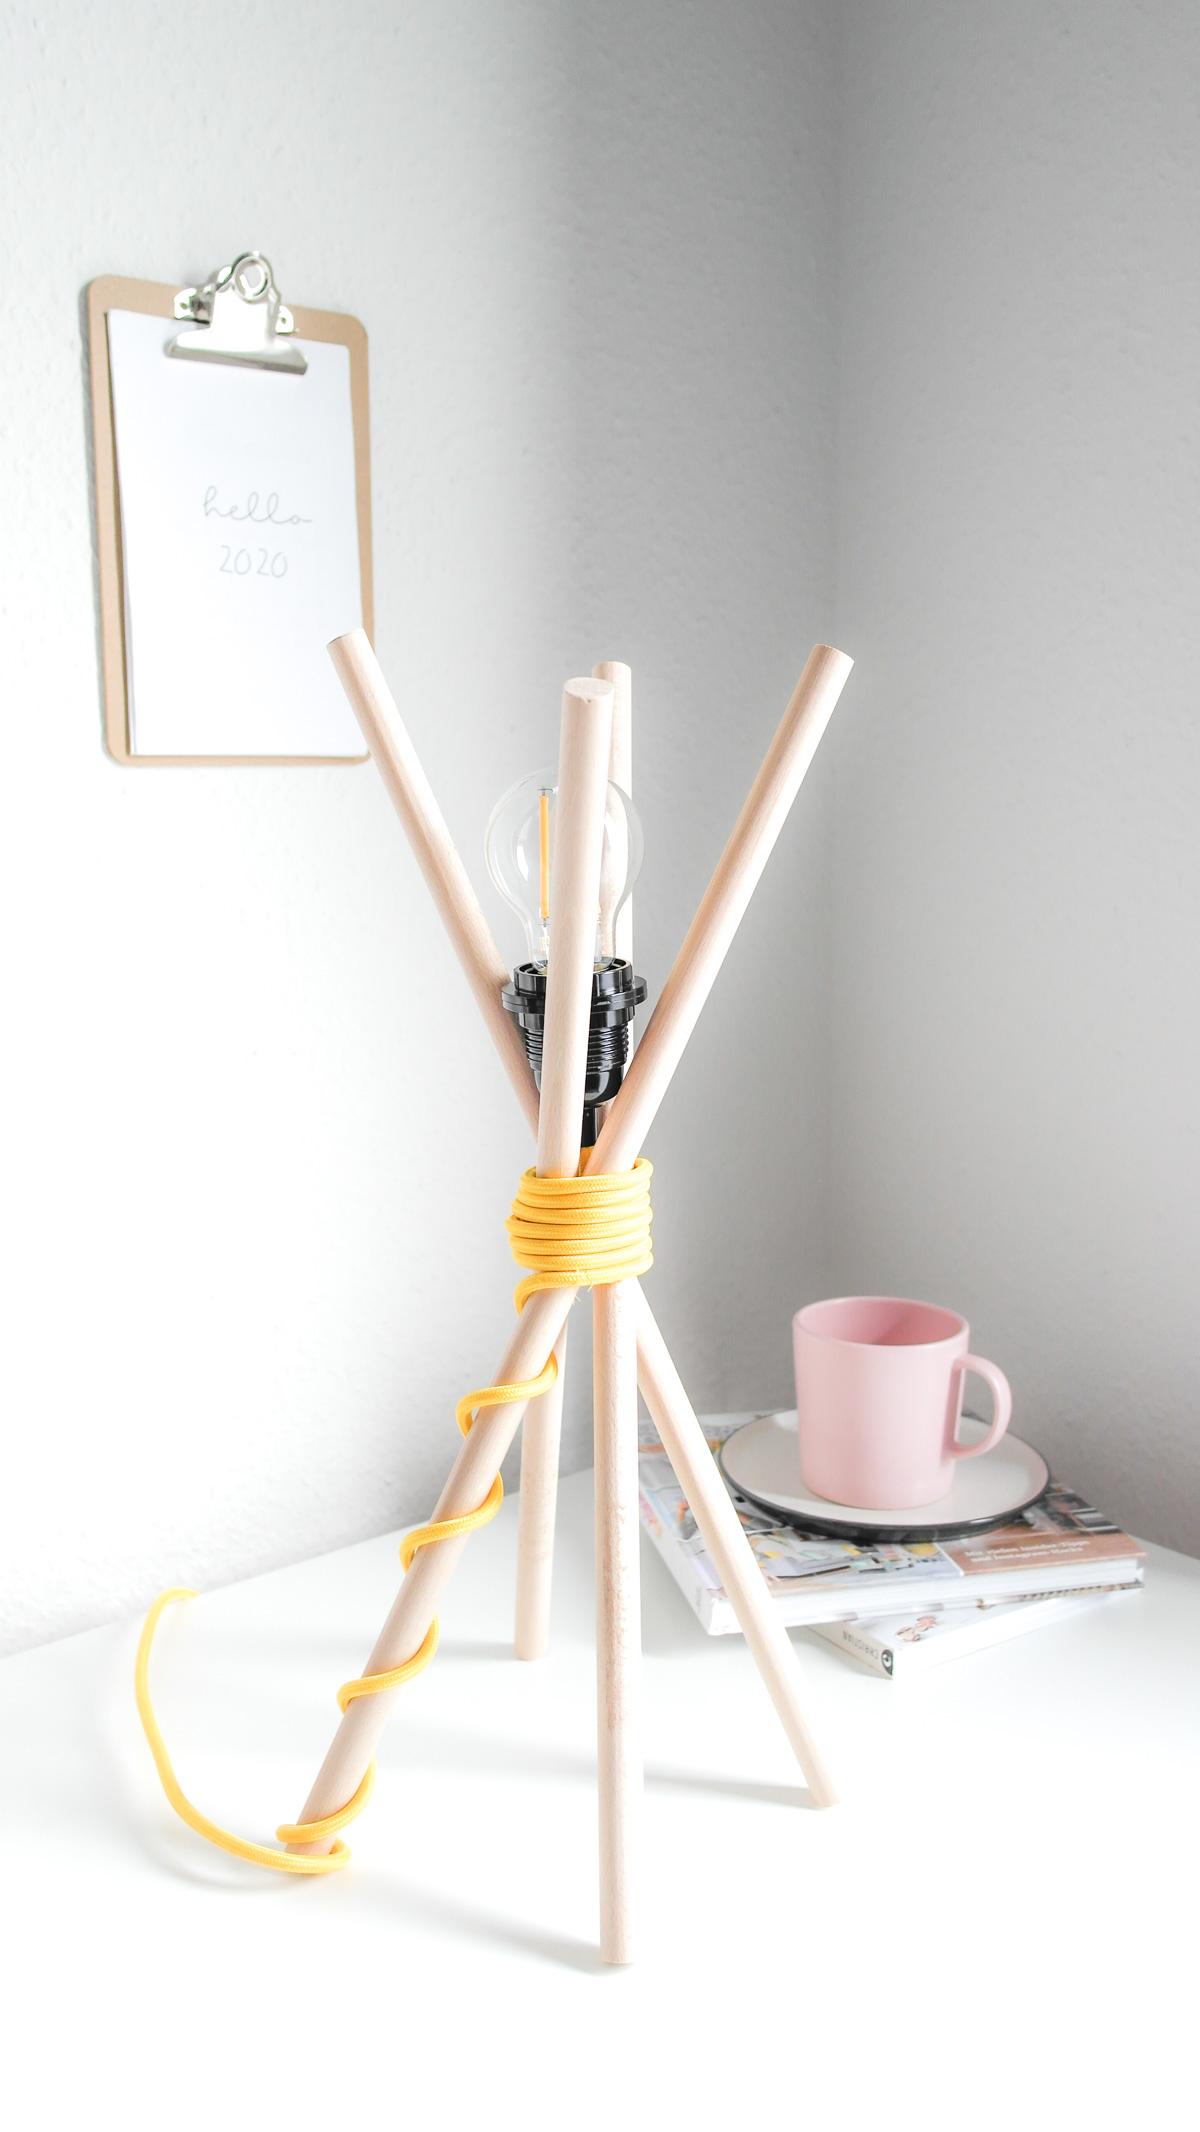 Wohntrends zum Selbermachen   3 einfache und günstige DIY-Lampen